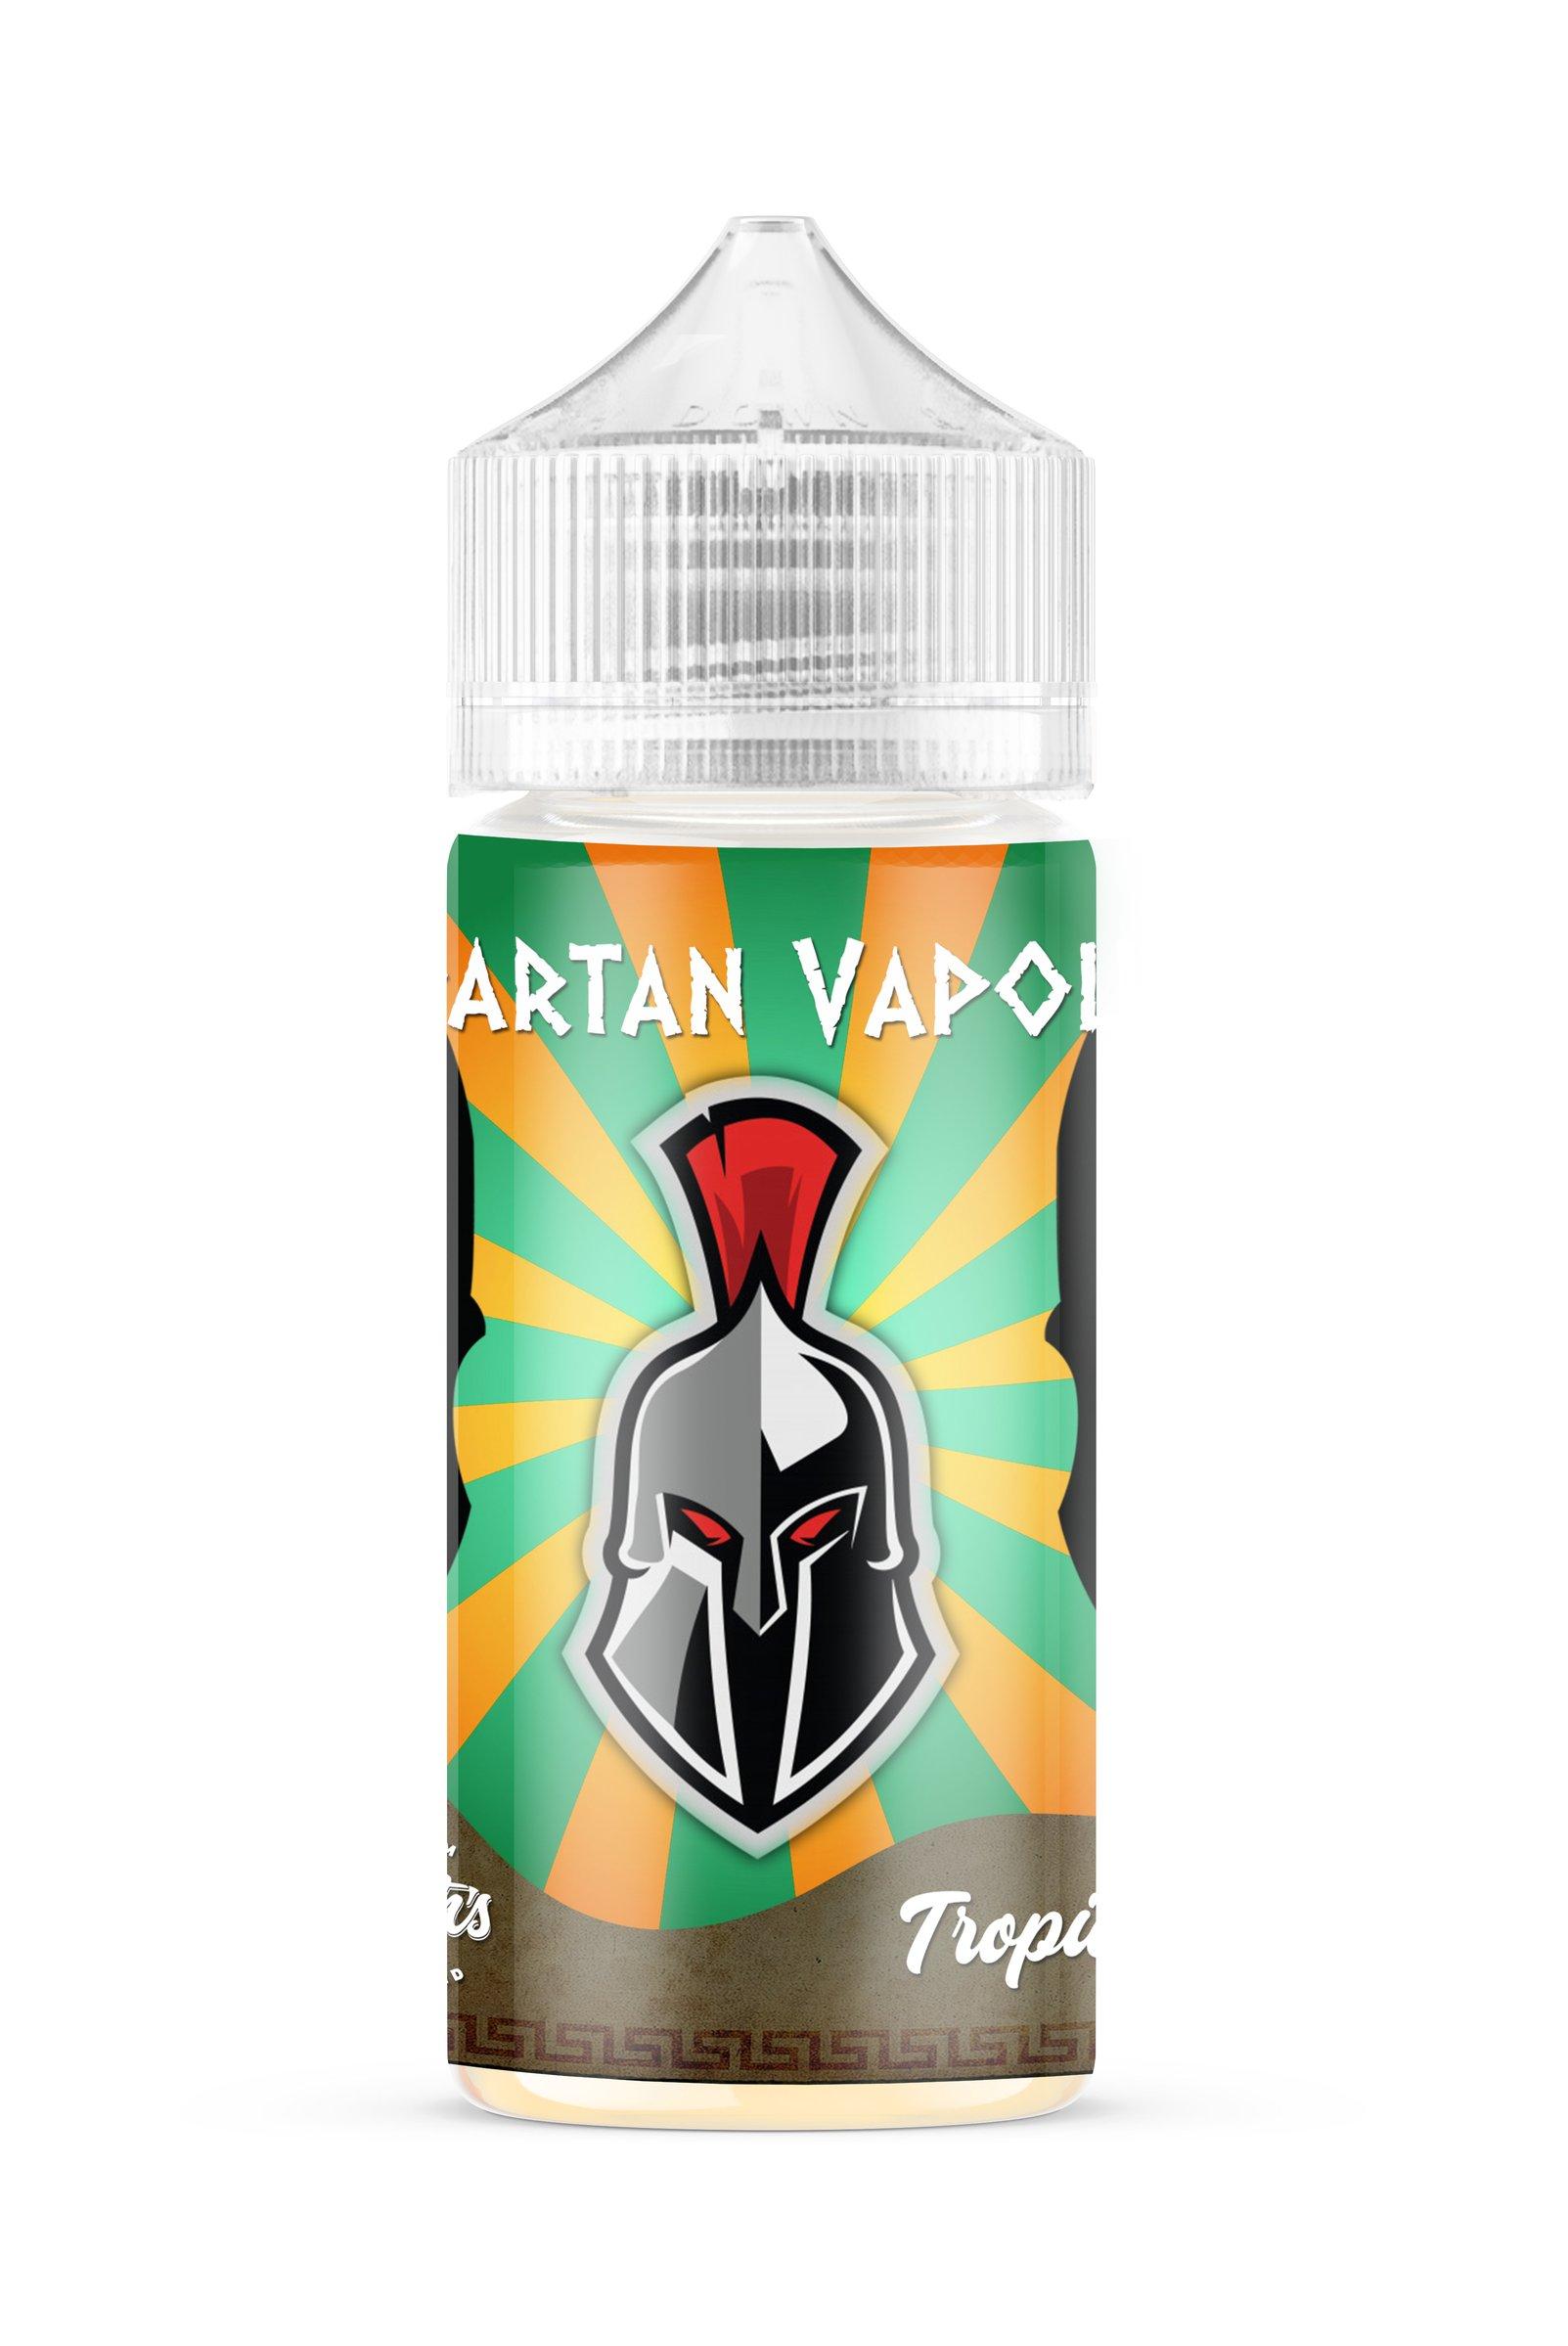 Spartan Vapour Tropical 100ml E-Liquid – £7.99